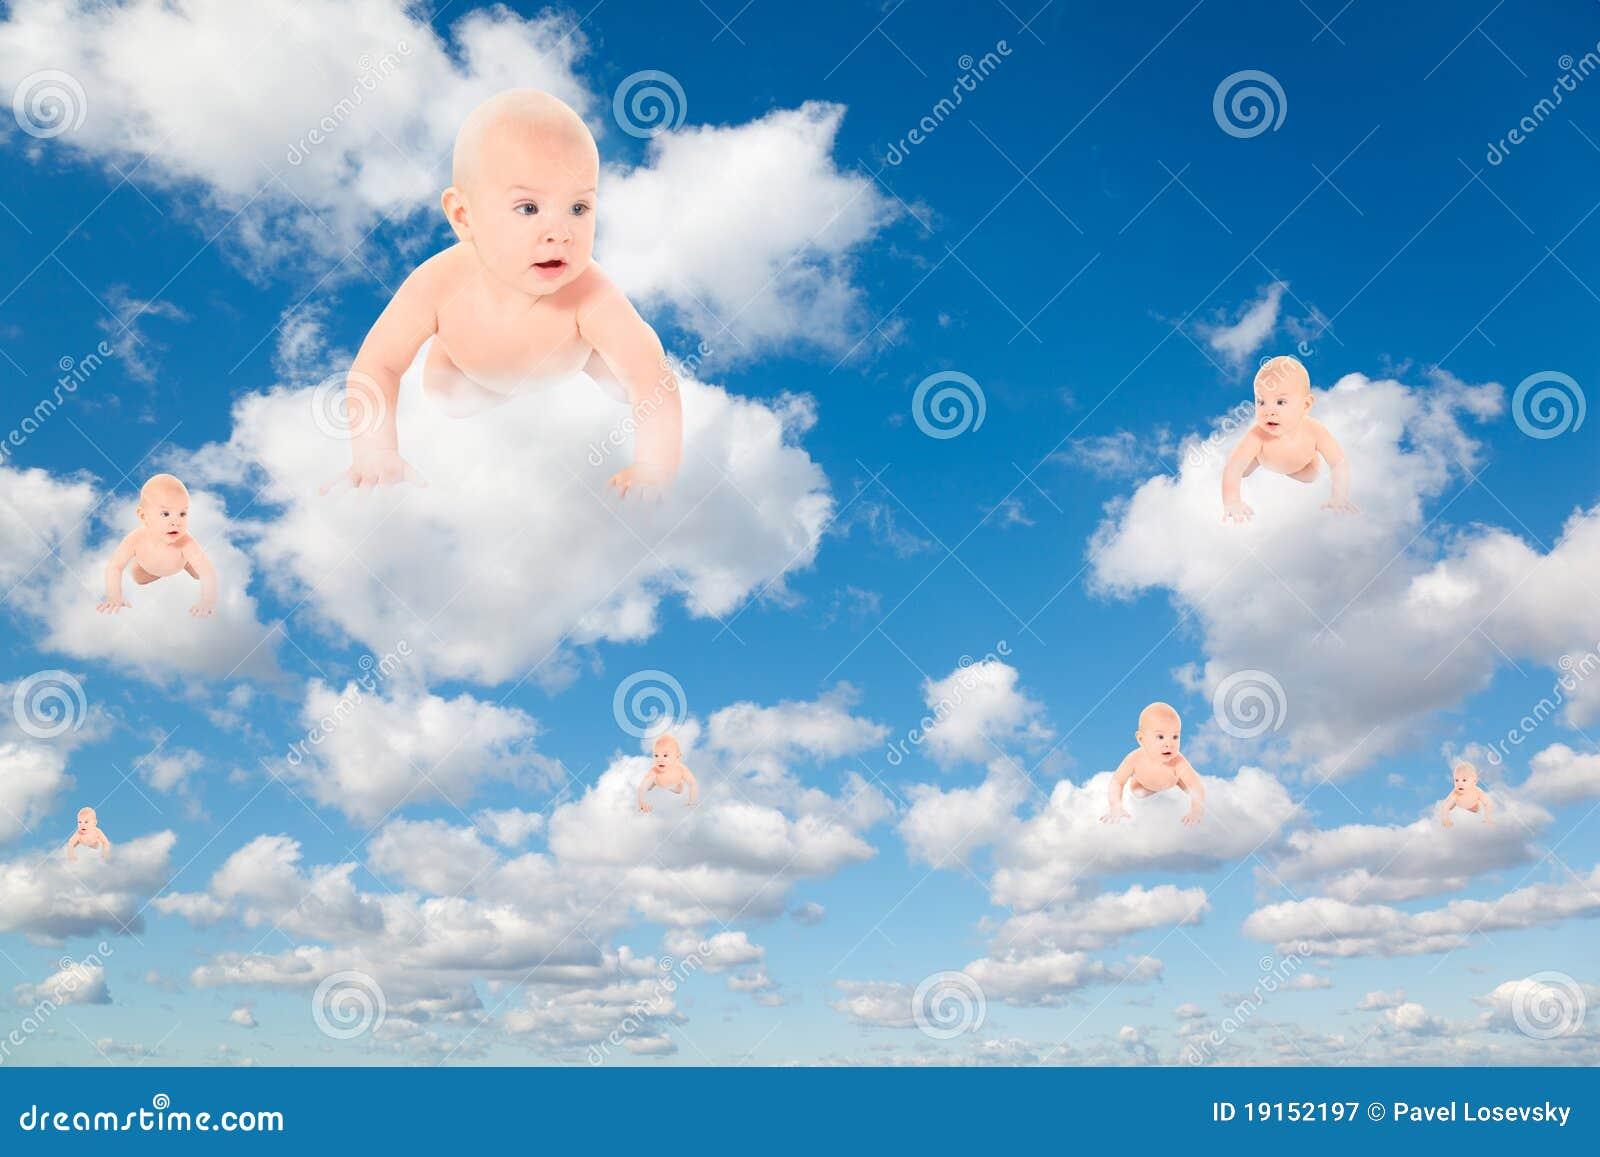 Schätzchen auf weißen Wolken in der Collage des blauen Himmels